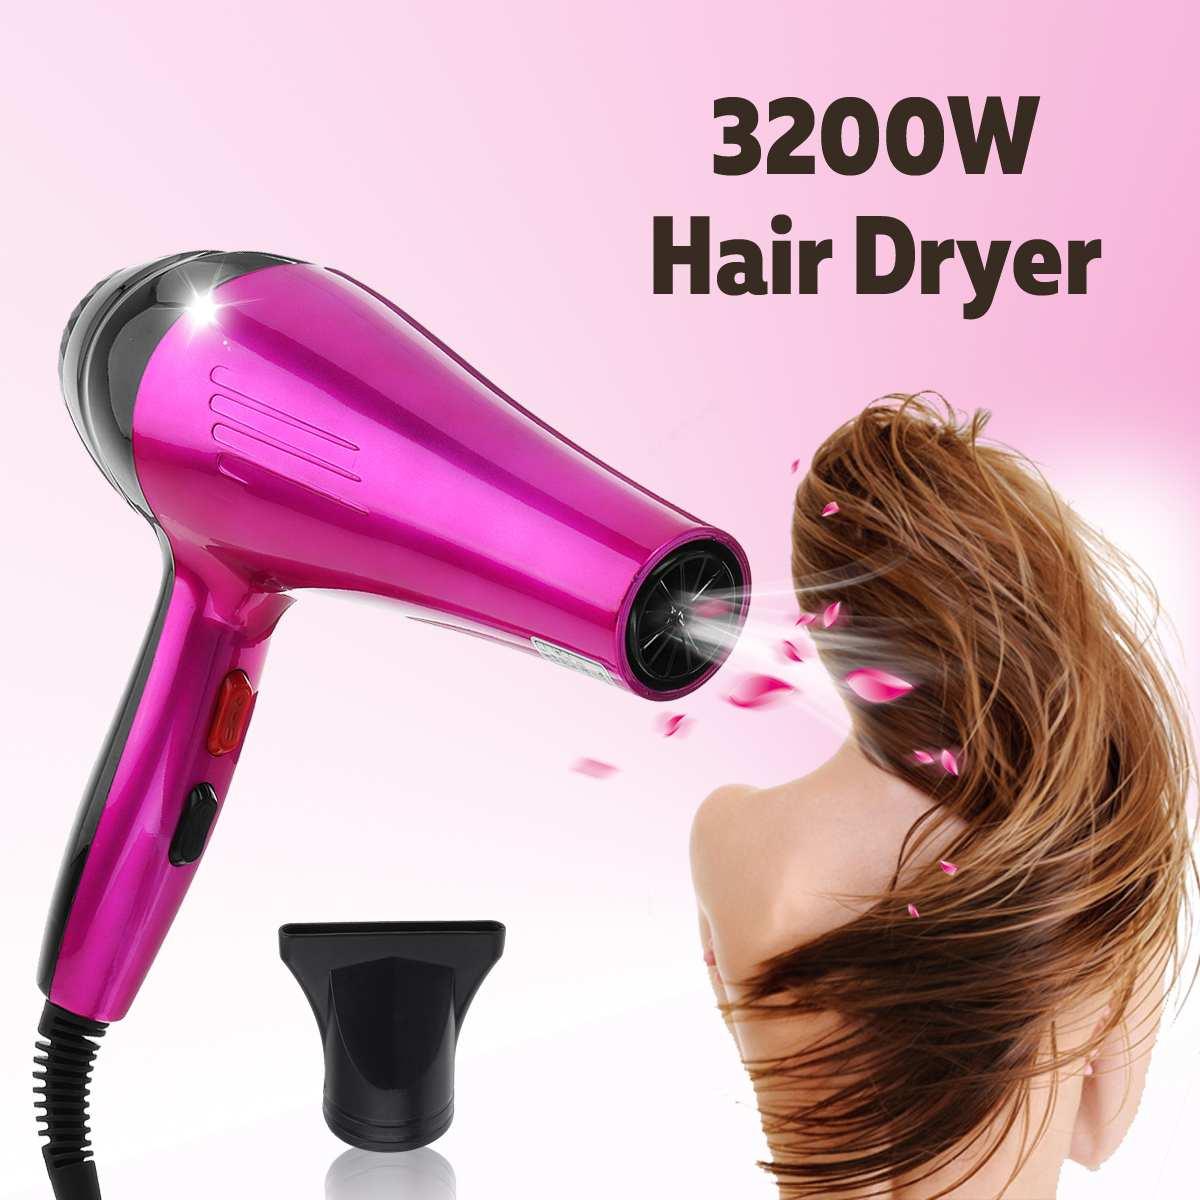 3200 w 4 Modes Froid/Air Chaud Sèche-Cheveux Professionnel Puissant Sèche-Cheveux Anion Sèche-Cheveux Puissance Cheveux Accessoires 220 v